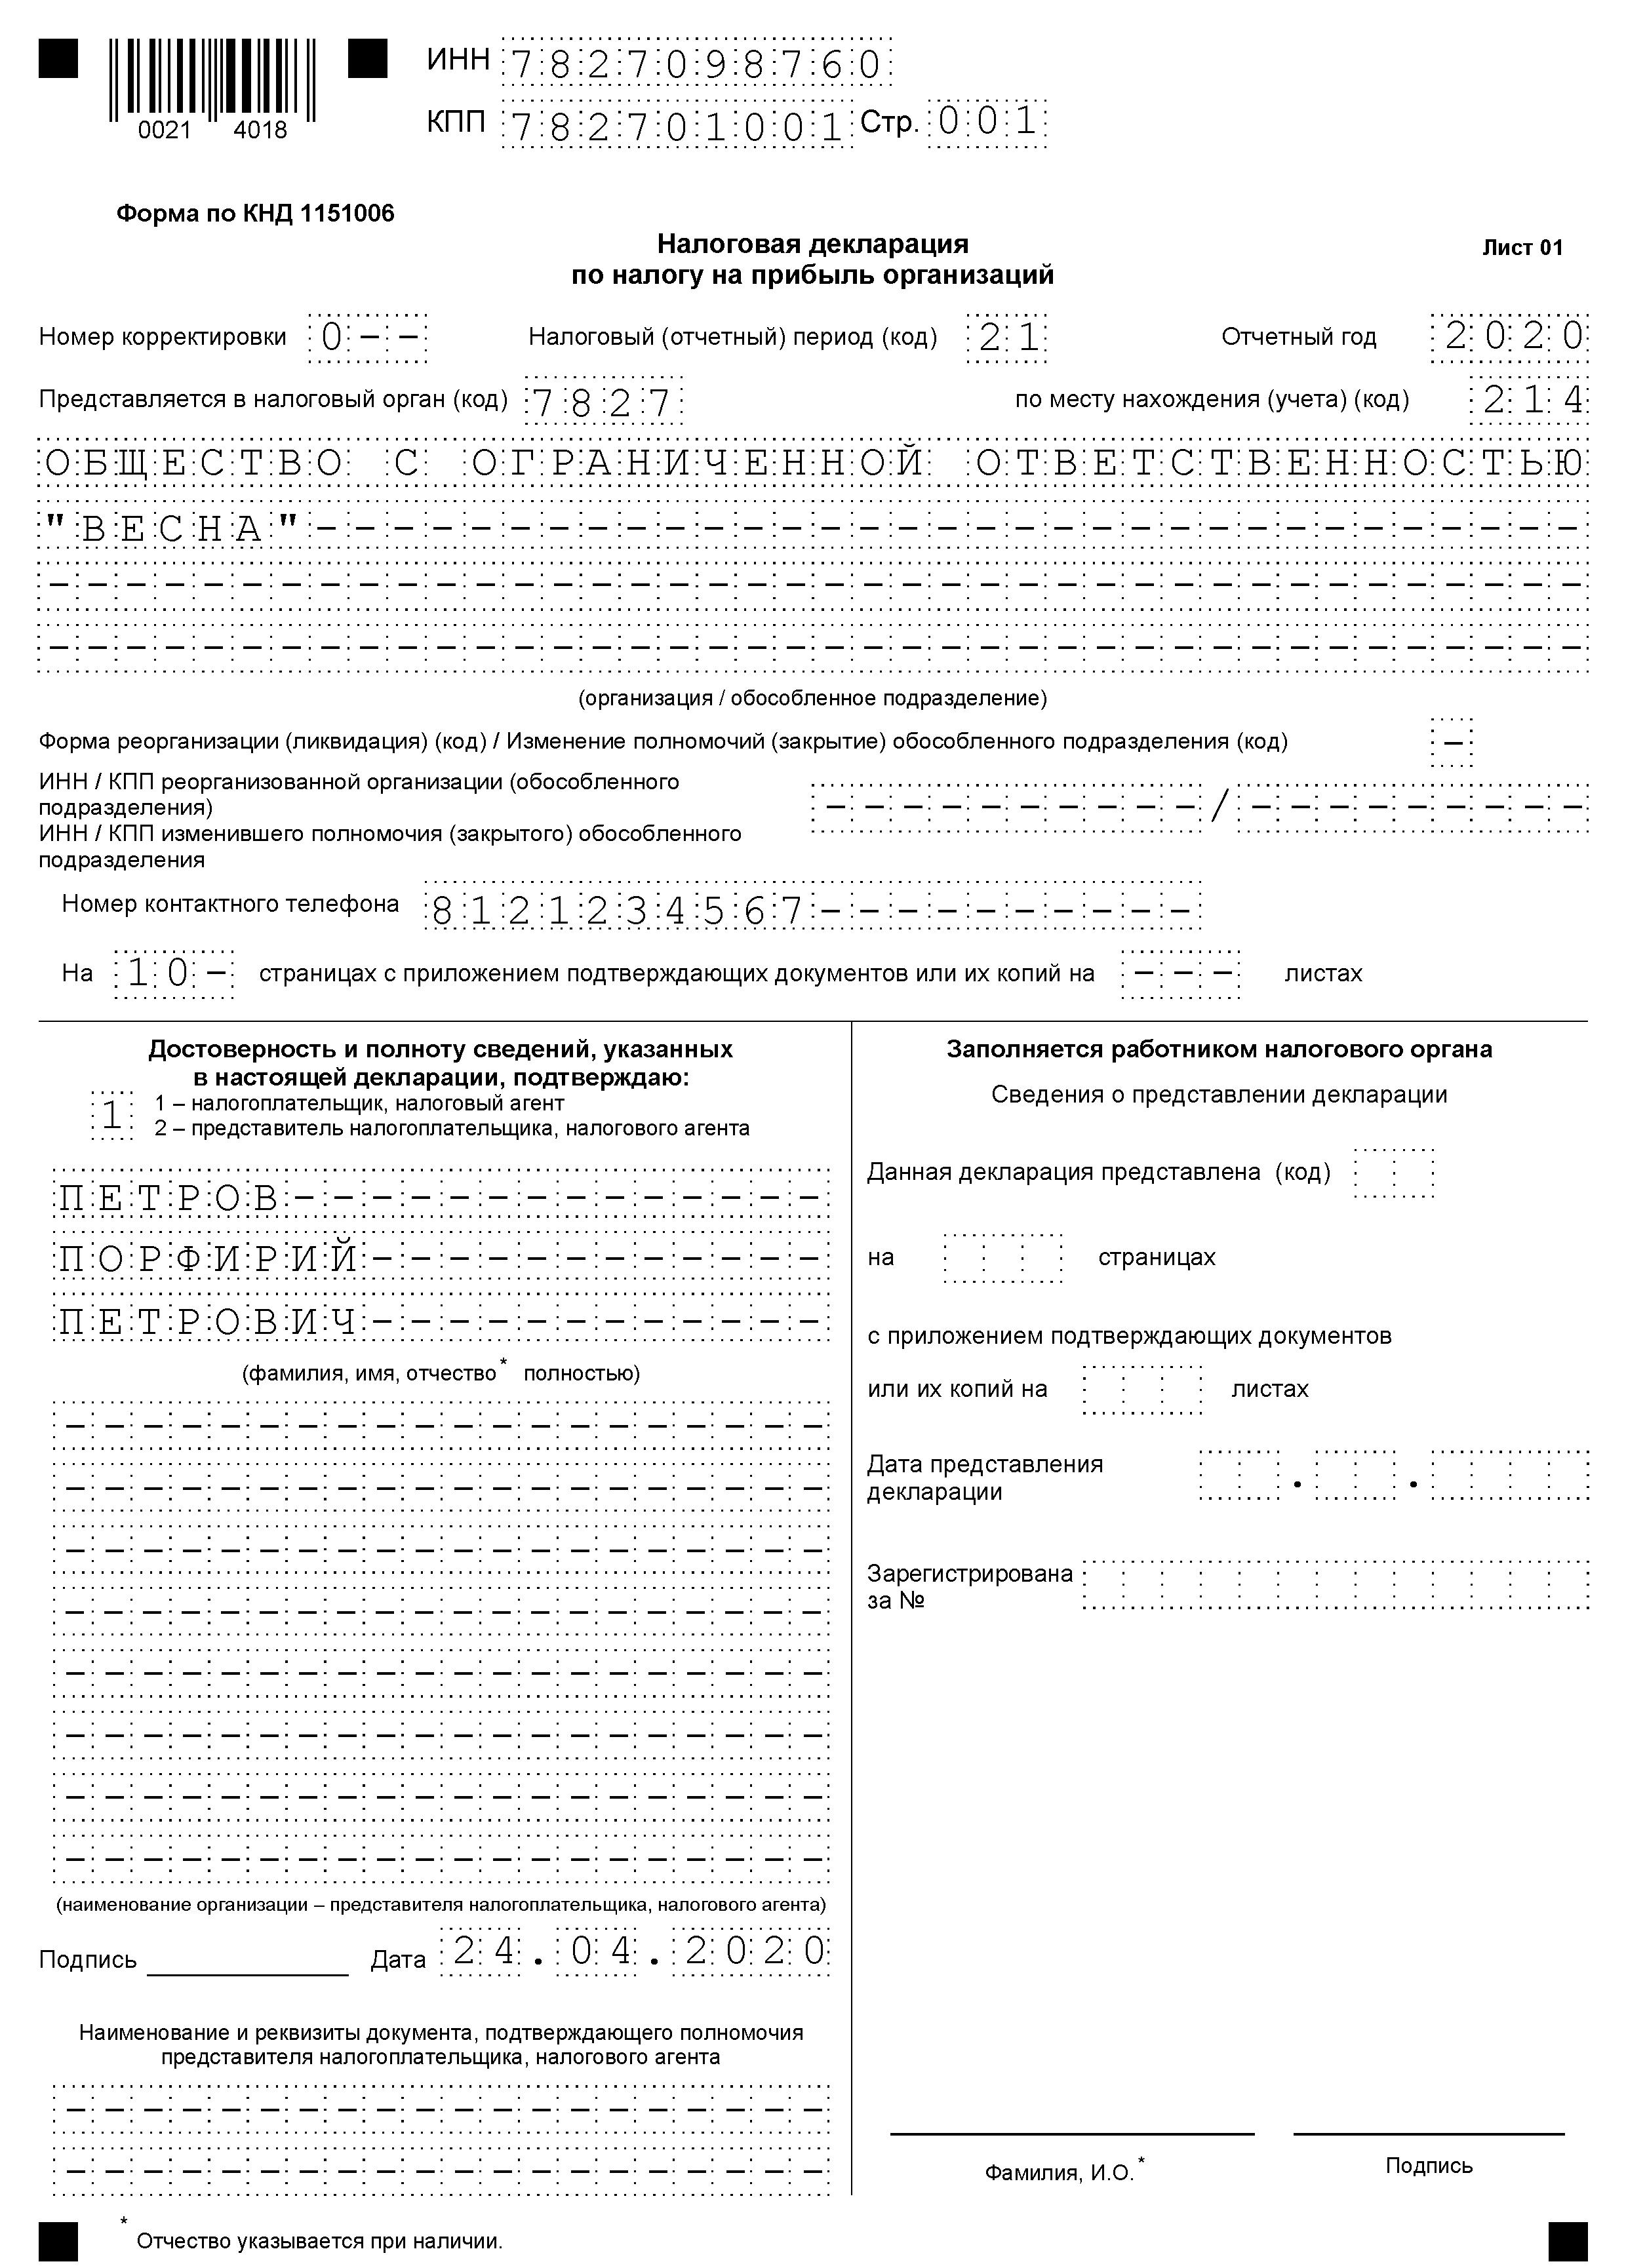 nalogovaya-deklaracziya-po-nalogu-na-pribyly-2